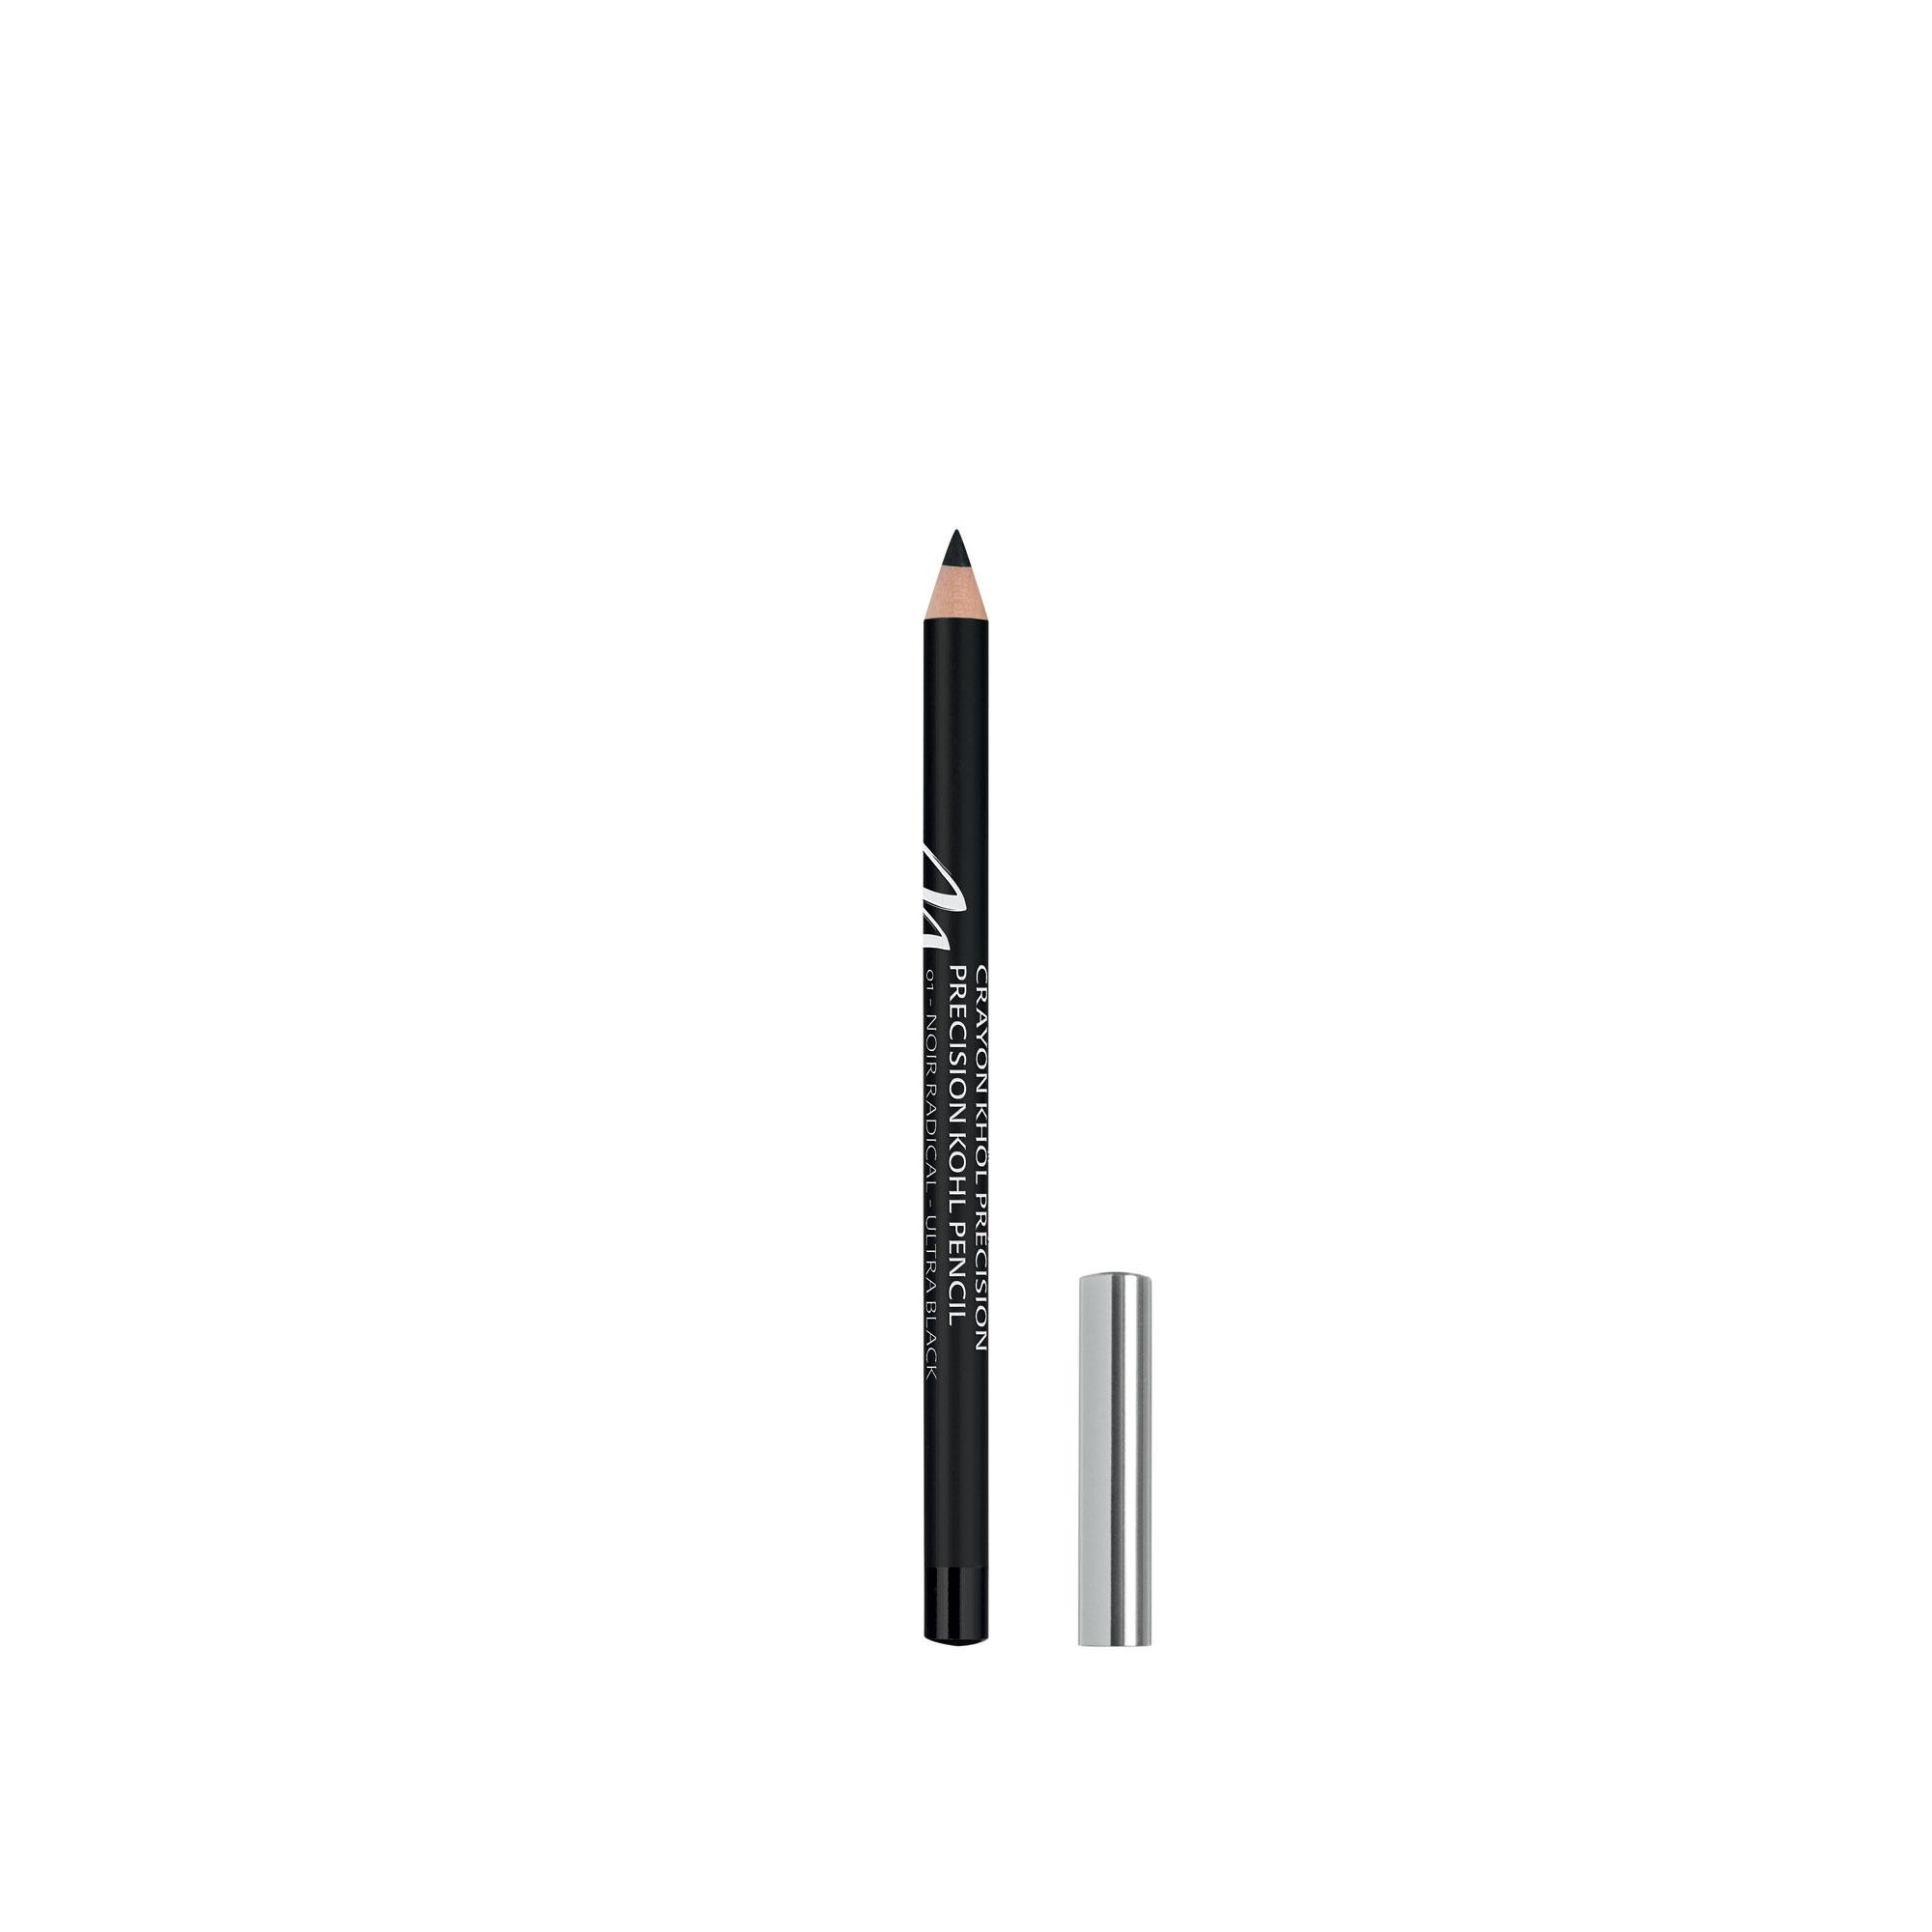 mini crayon kh l pr cision noir radical marionnaud un maquillage infaillible au top m me au. Black Bedroom Furniture Sets. Home Design Ideas